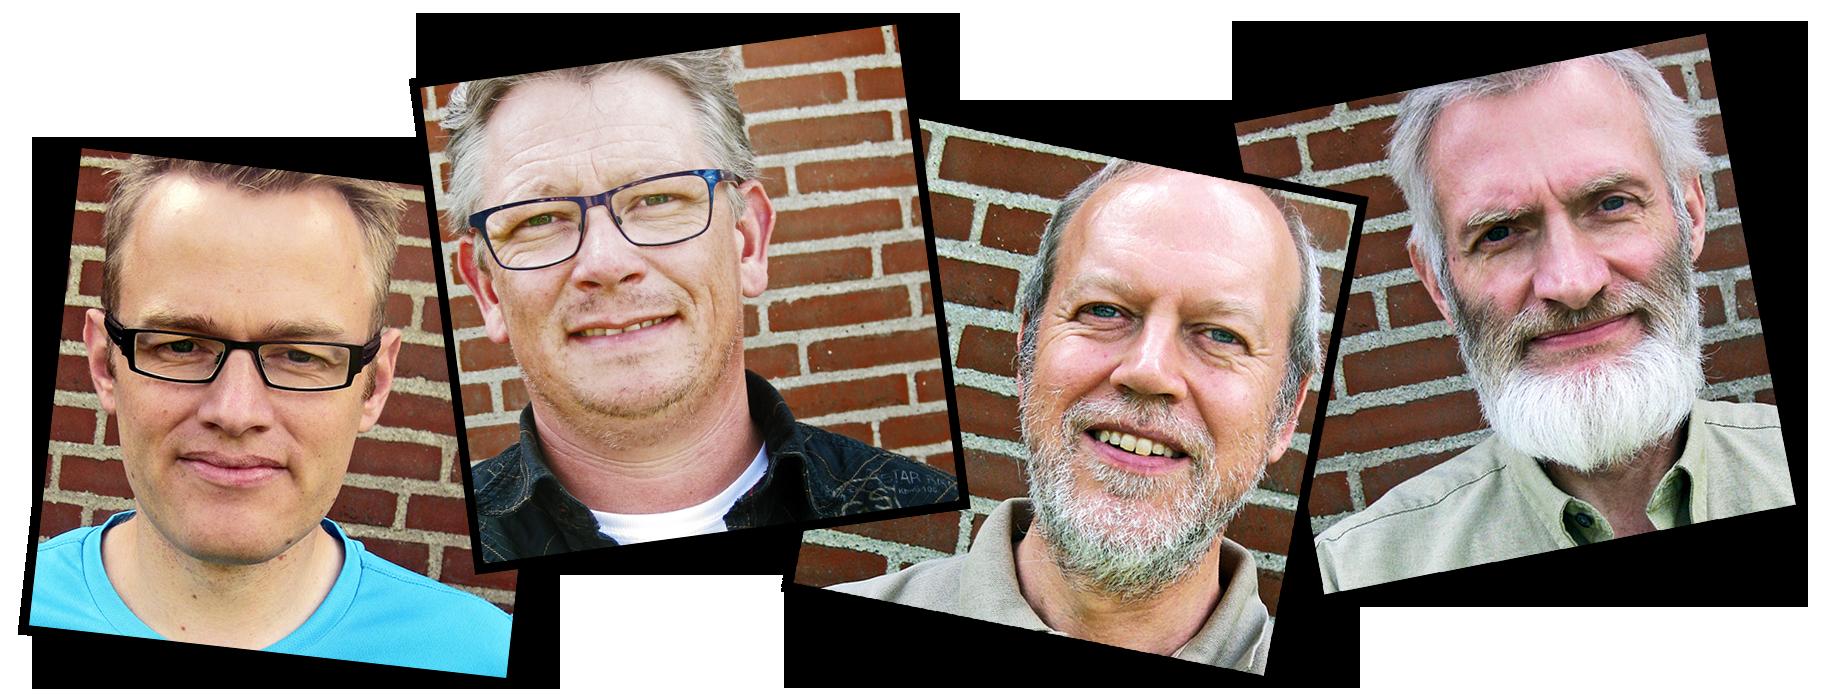 Stefan Vase, Jens Lomborg, Ove Klausen og Niels Jørgen Vase